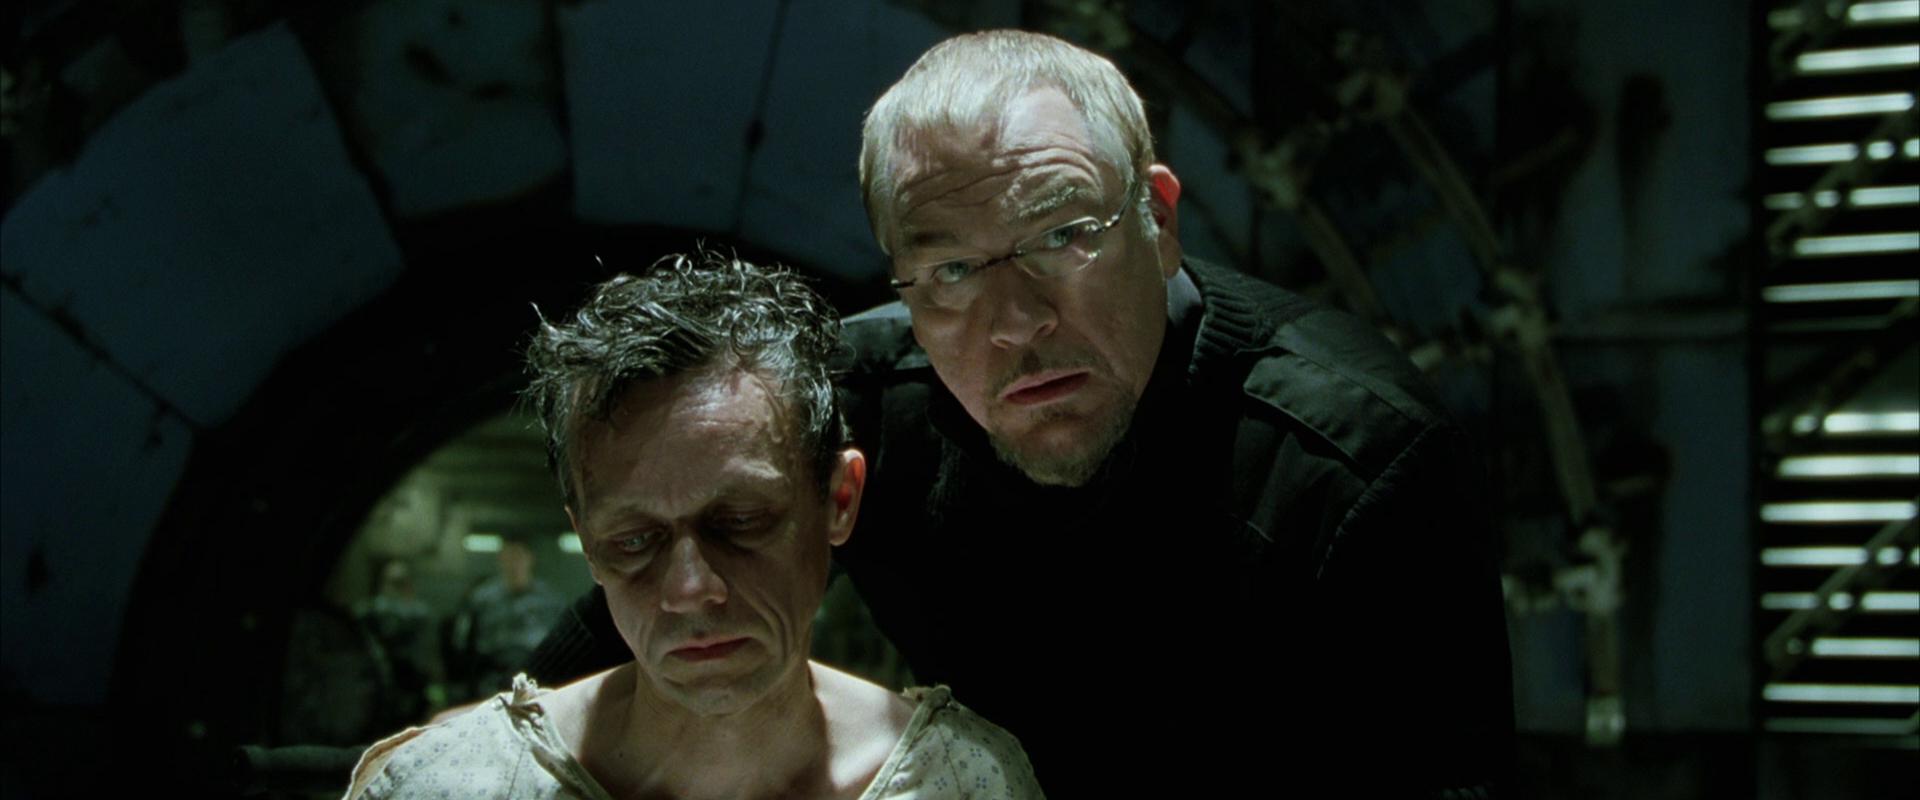 143 – Thêm một dự án bí ẩn từ đạo diễn Deadpool thuộc vũ trụ X-Men? - Ảnh 1.